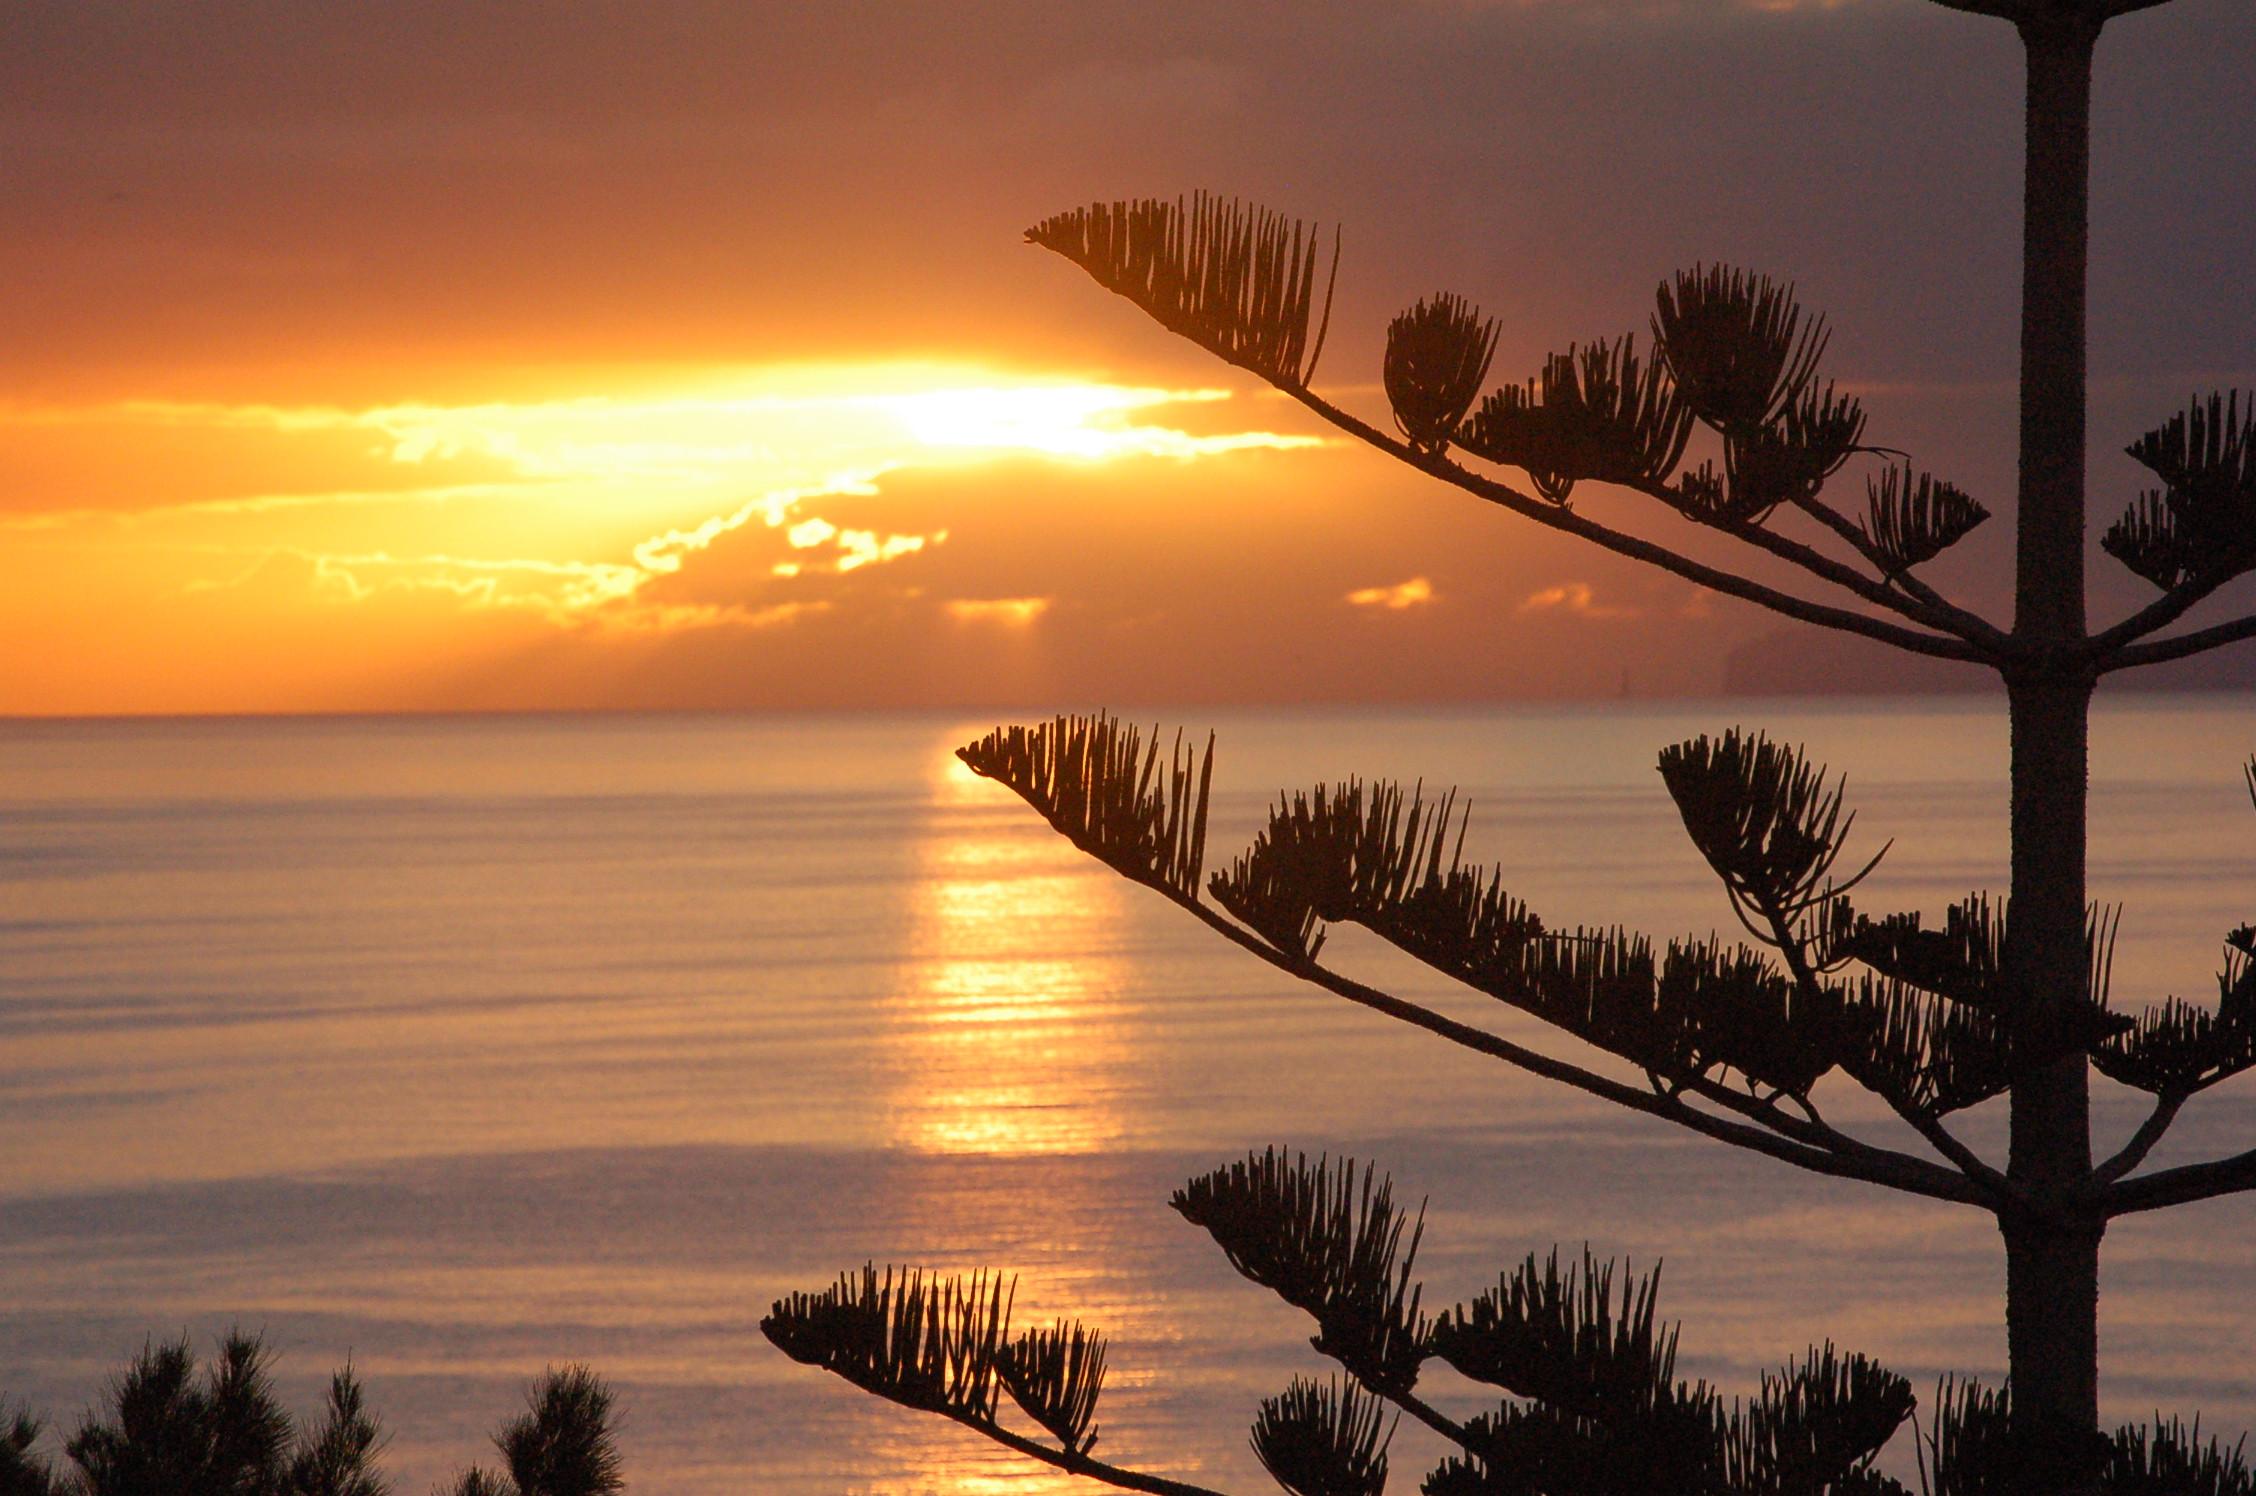 Sonnenaufgang Ferienwohnung Madeira